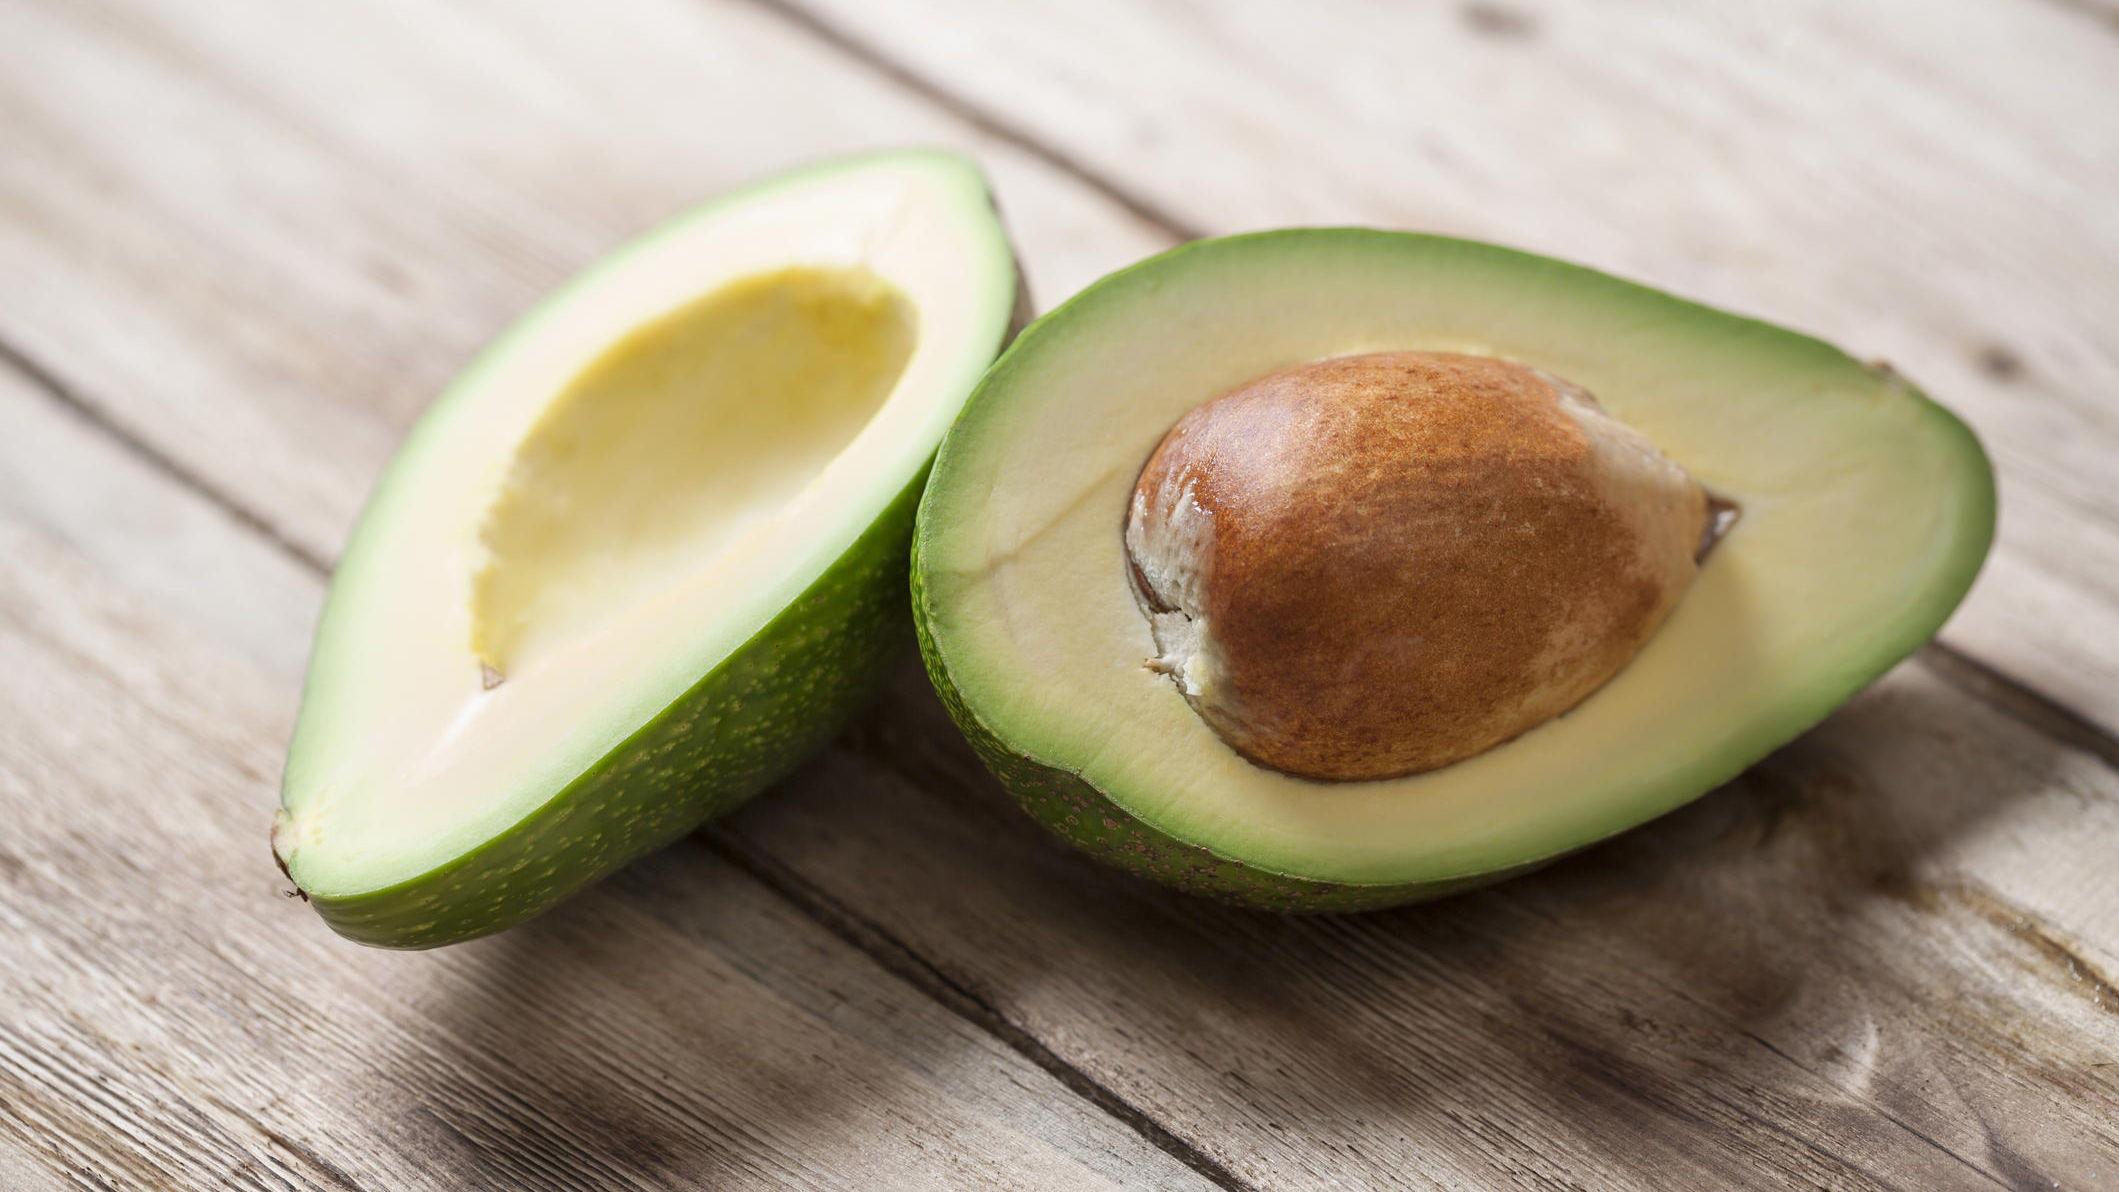 Avocado inneholder enumettet fett. Forskning tyder på at slike matvarer er spesielt gunstig for å bli kvitt fett rundt magen.